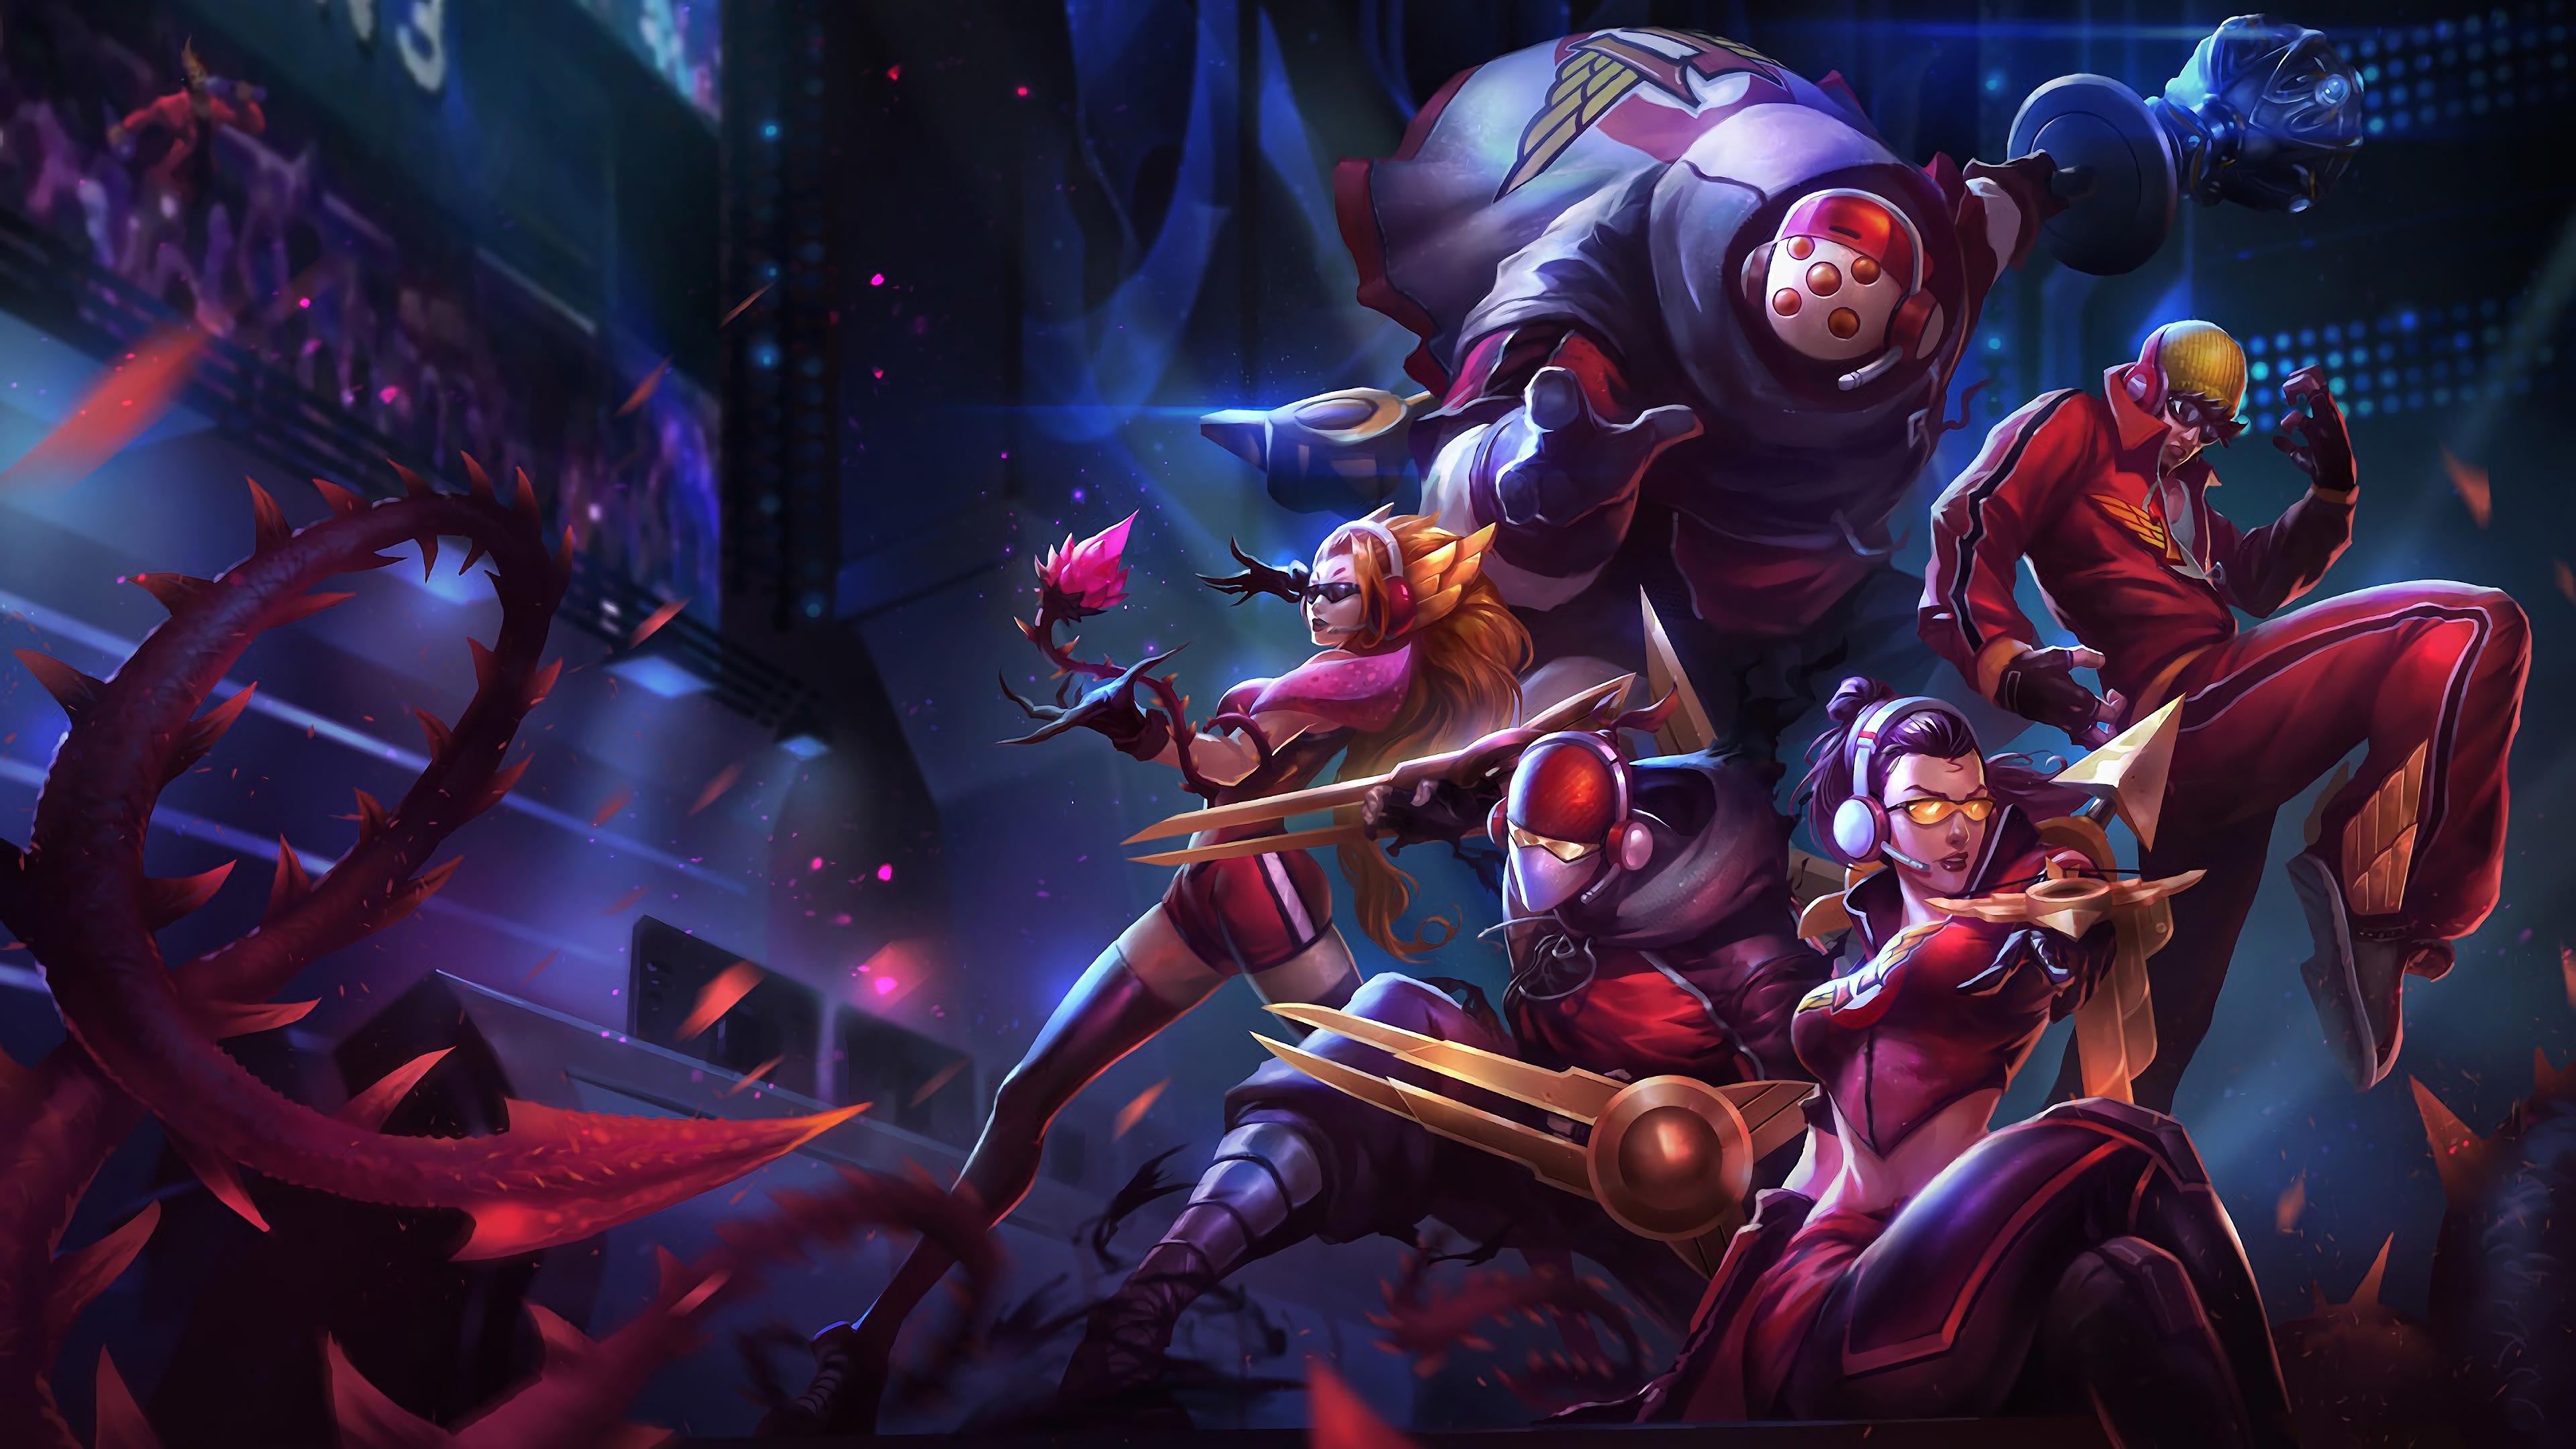 League Of Legends Wallpaper Hd Skt T1 Zed Vayne Zyra Lee Sin Jax Lol Splash Art League Of